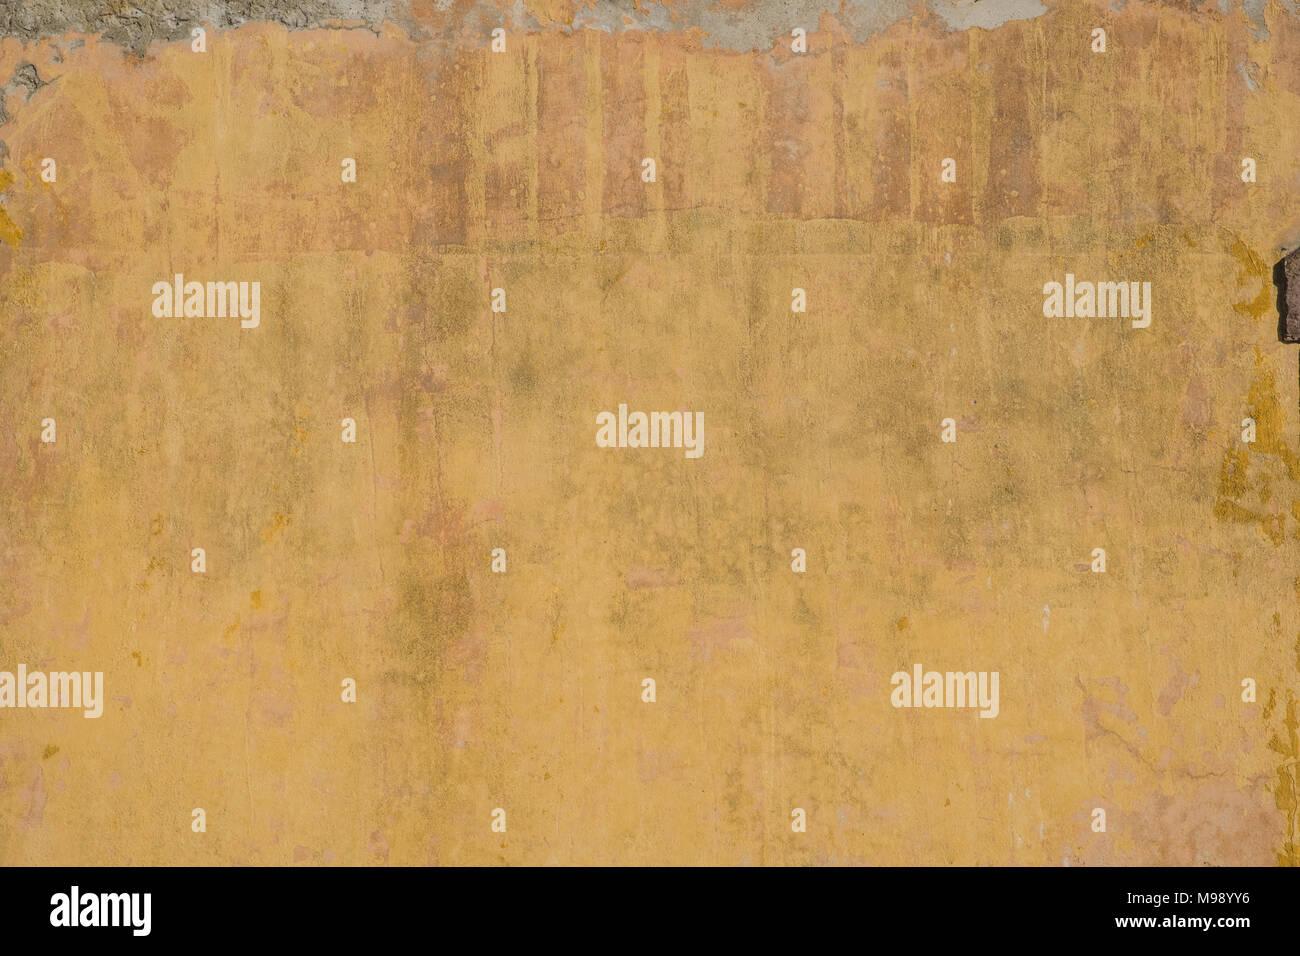 Fantastisch Vintage Wand Hintergrund   Alte Mauer Putzstruktur, Gelb, Braun